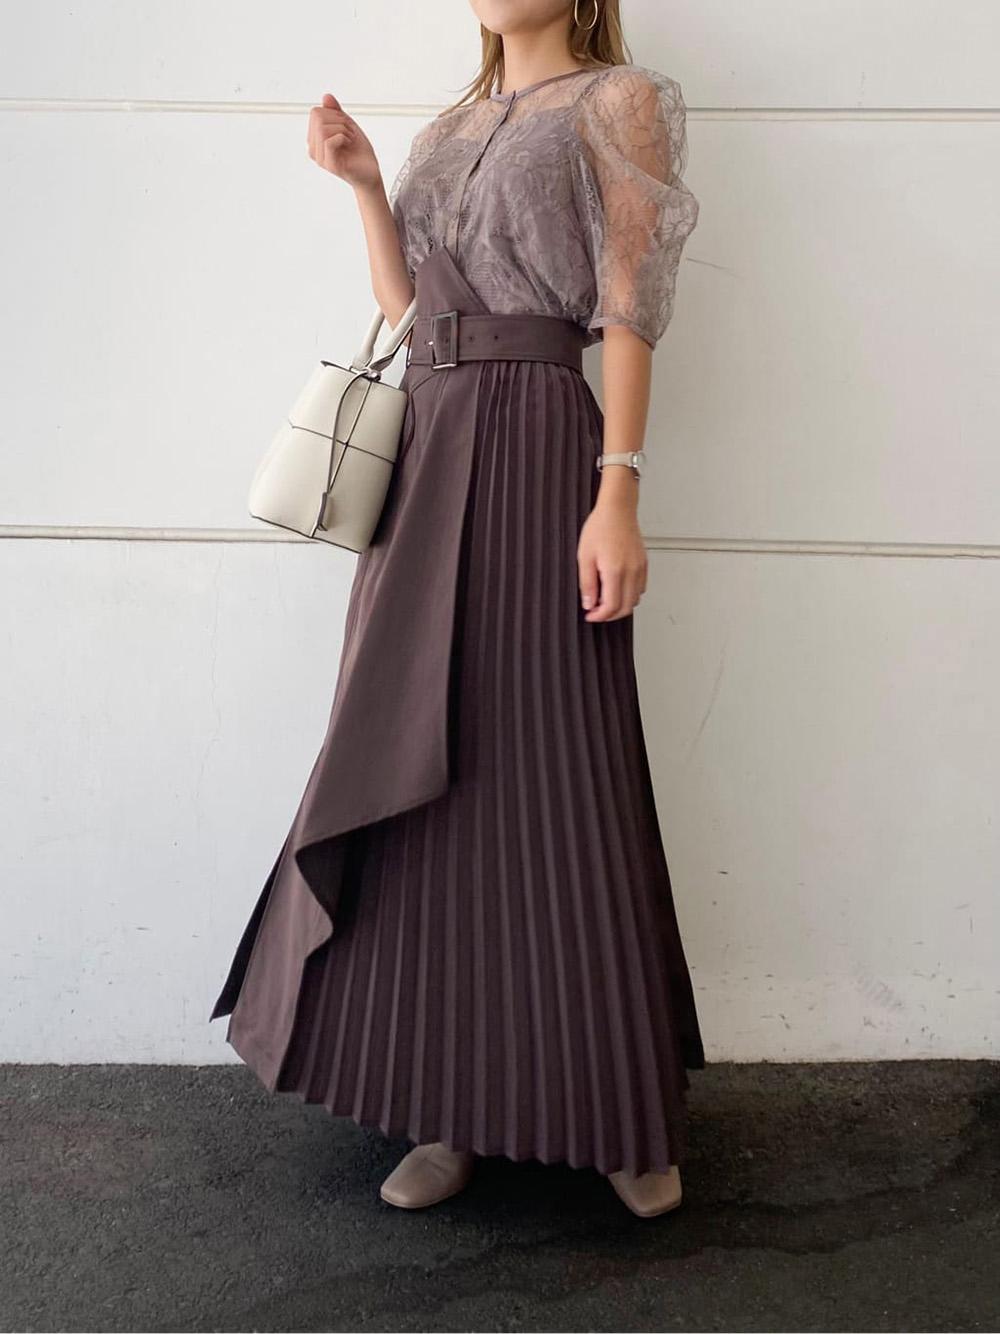 ナロースイッチングスカート